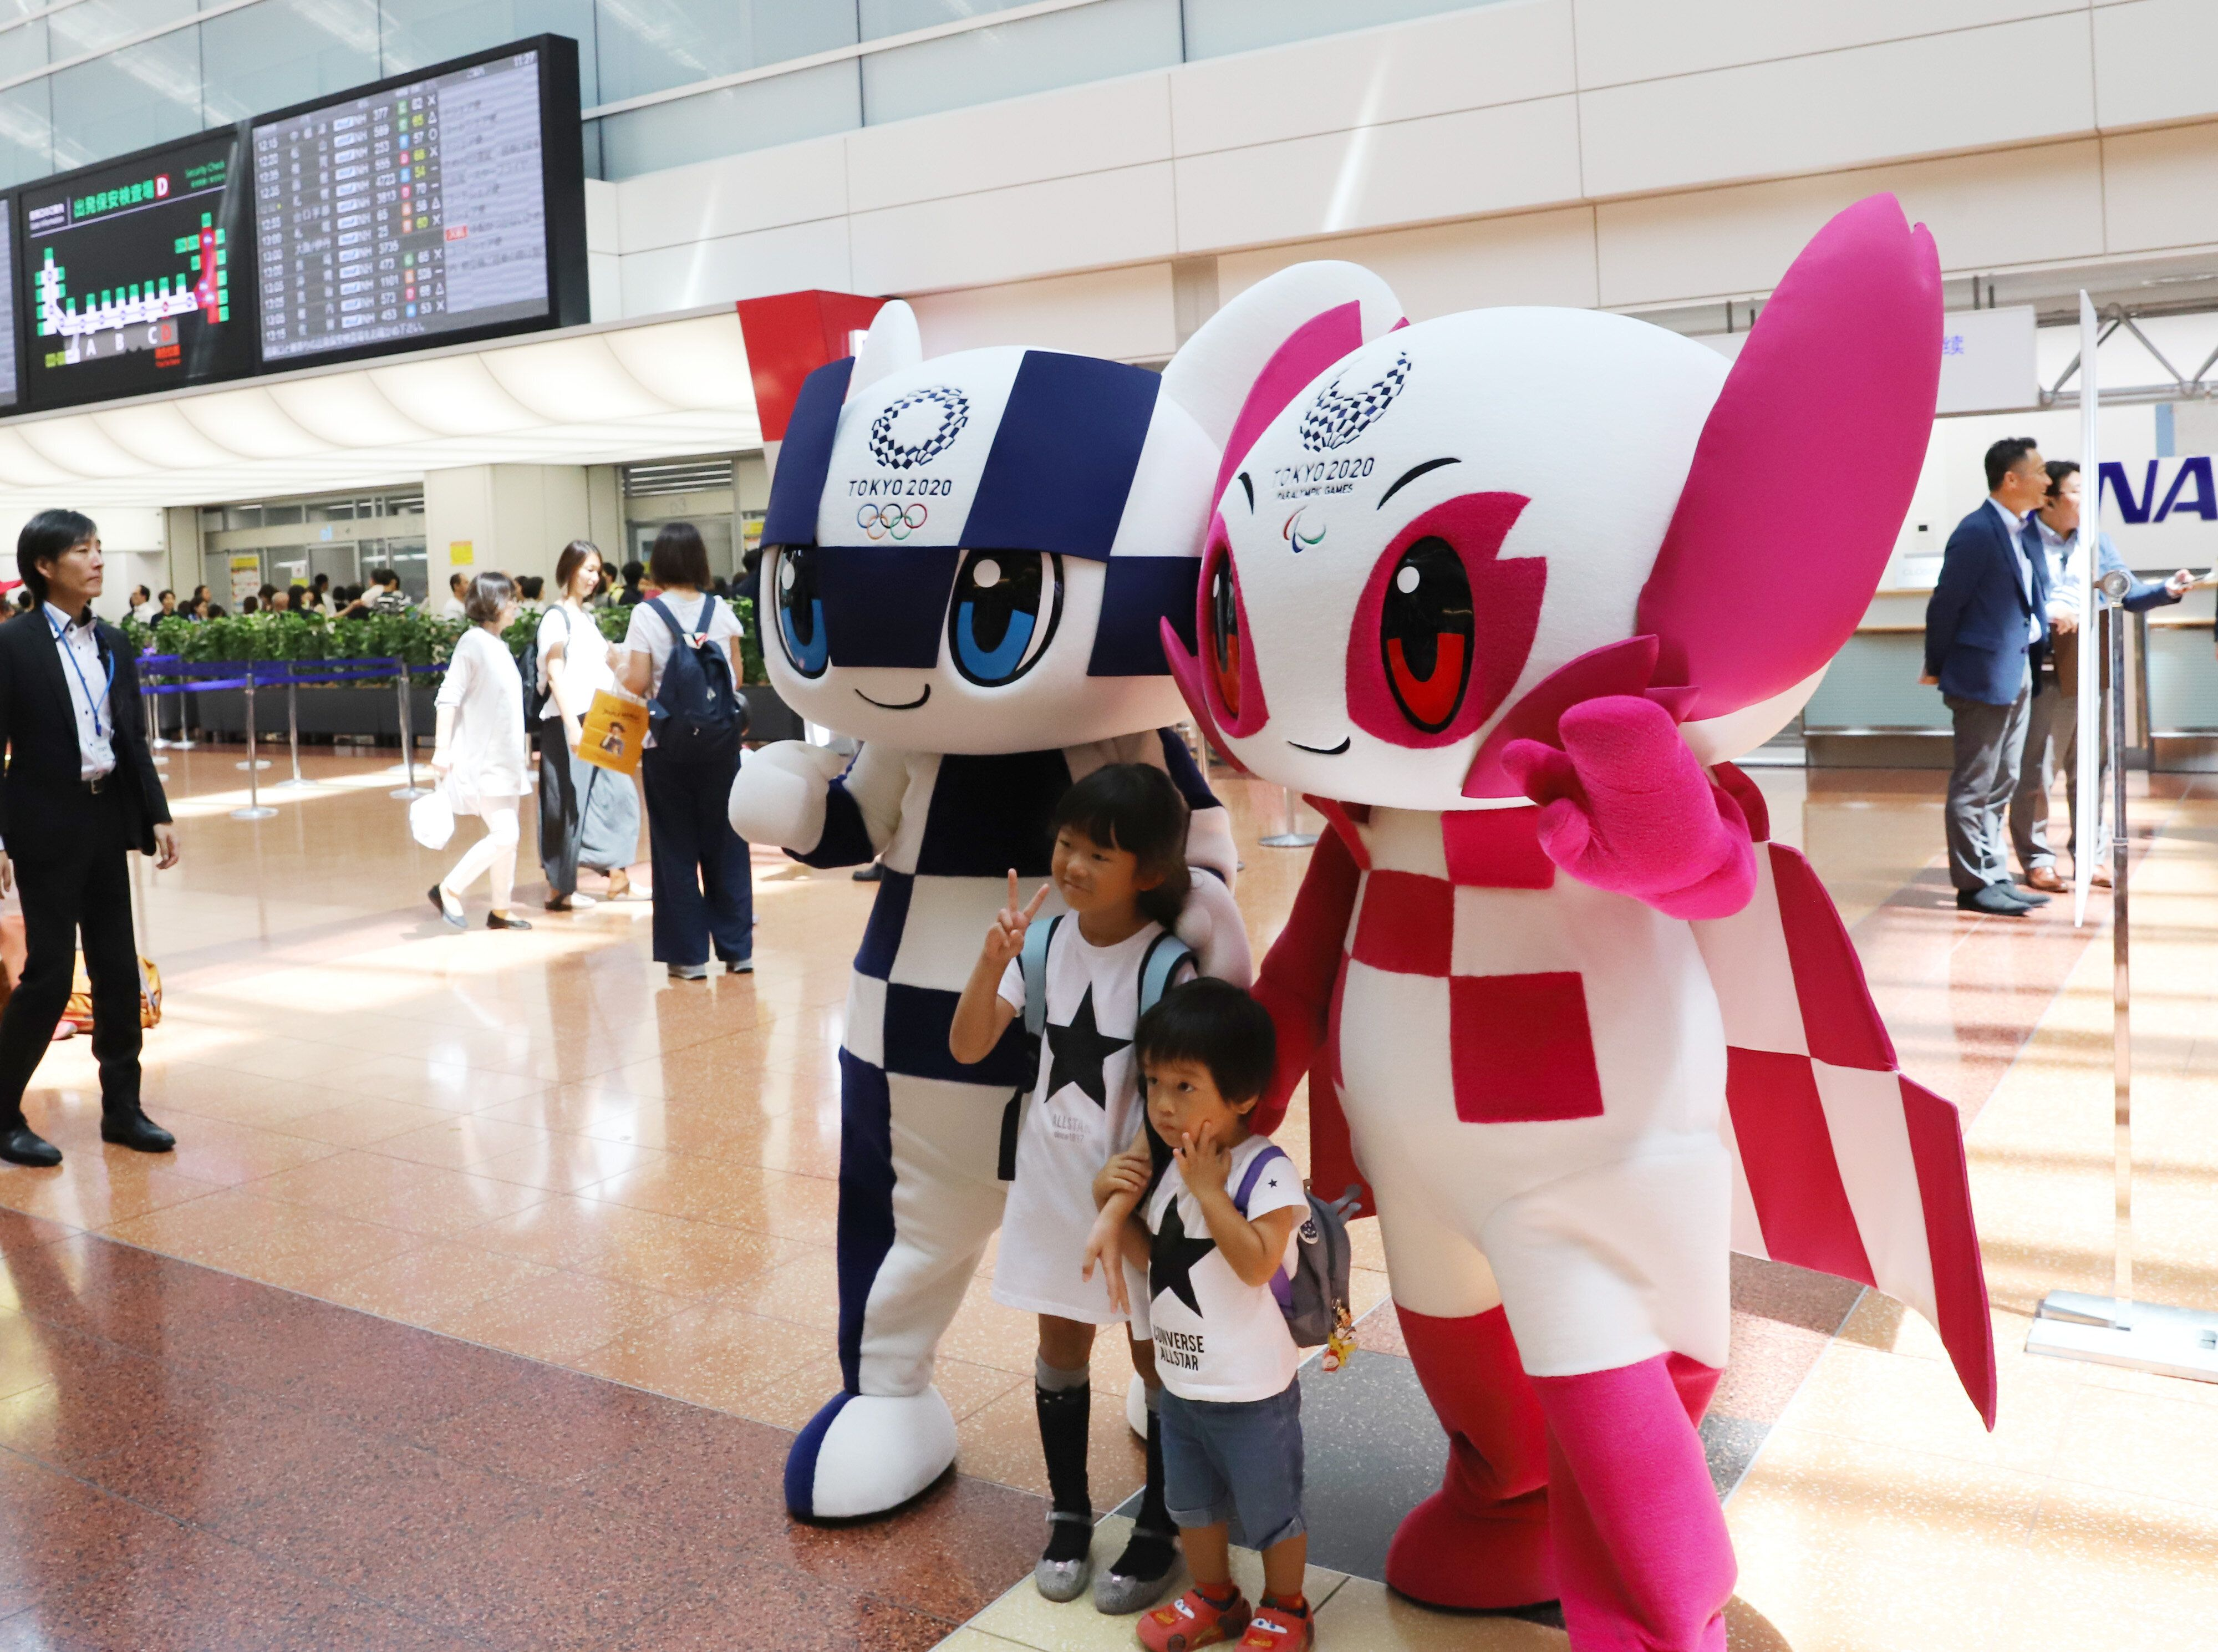 「東京2020パラリンピック競技大会開催『2年前』イベント」